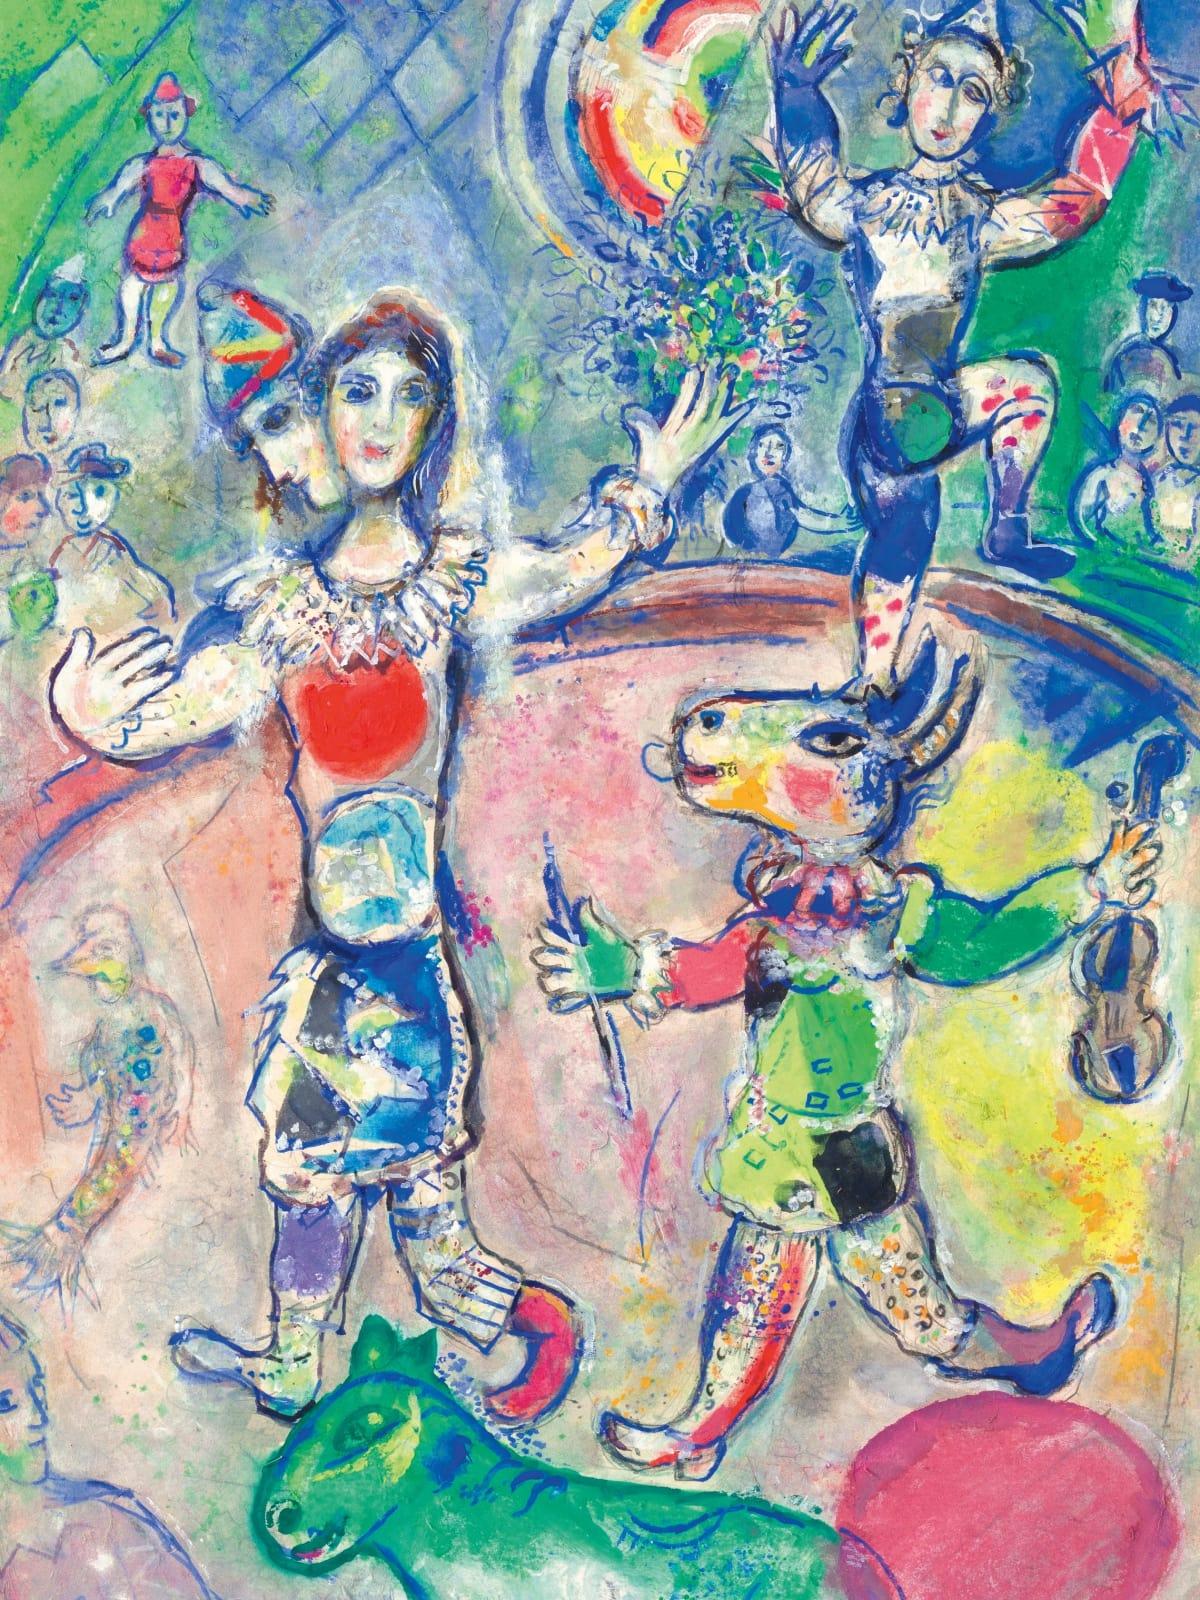 Chagall Rainbow Circus, Bass art